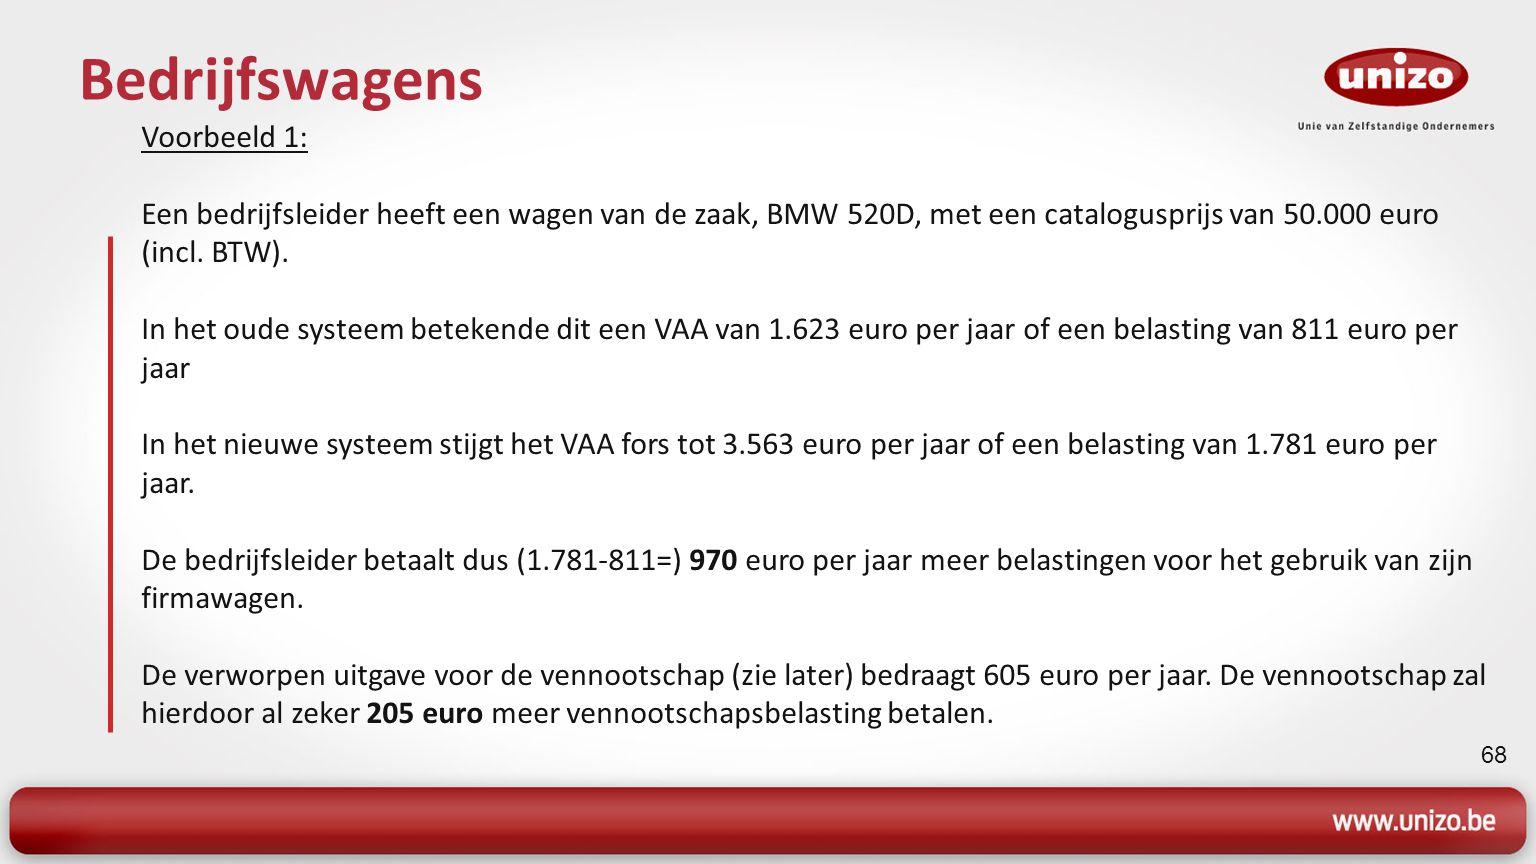 69 Bedrijfswagens Voorbeeld 2: Een bedrijfsleider heeft een wagen van de zaak, BMW 730D, met een catalogusprijs van 85.000 euro (incl.